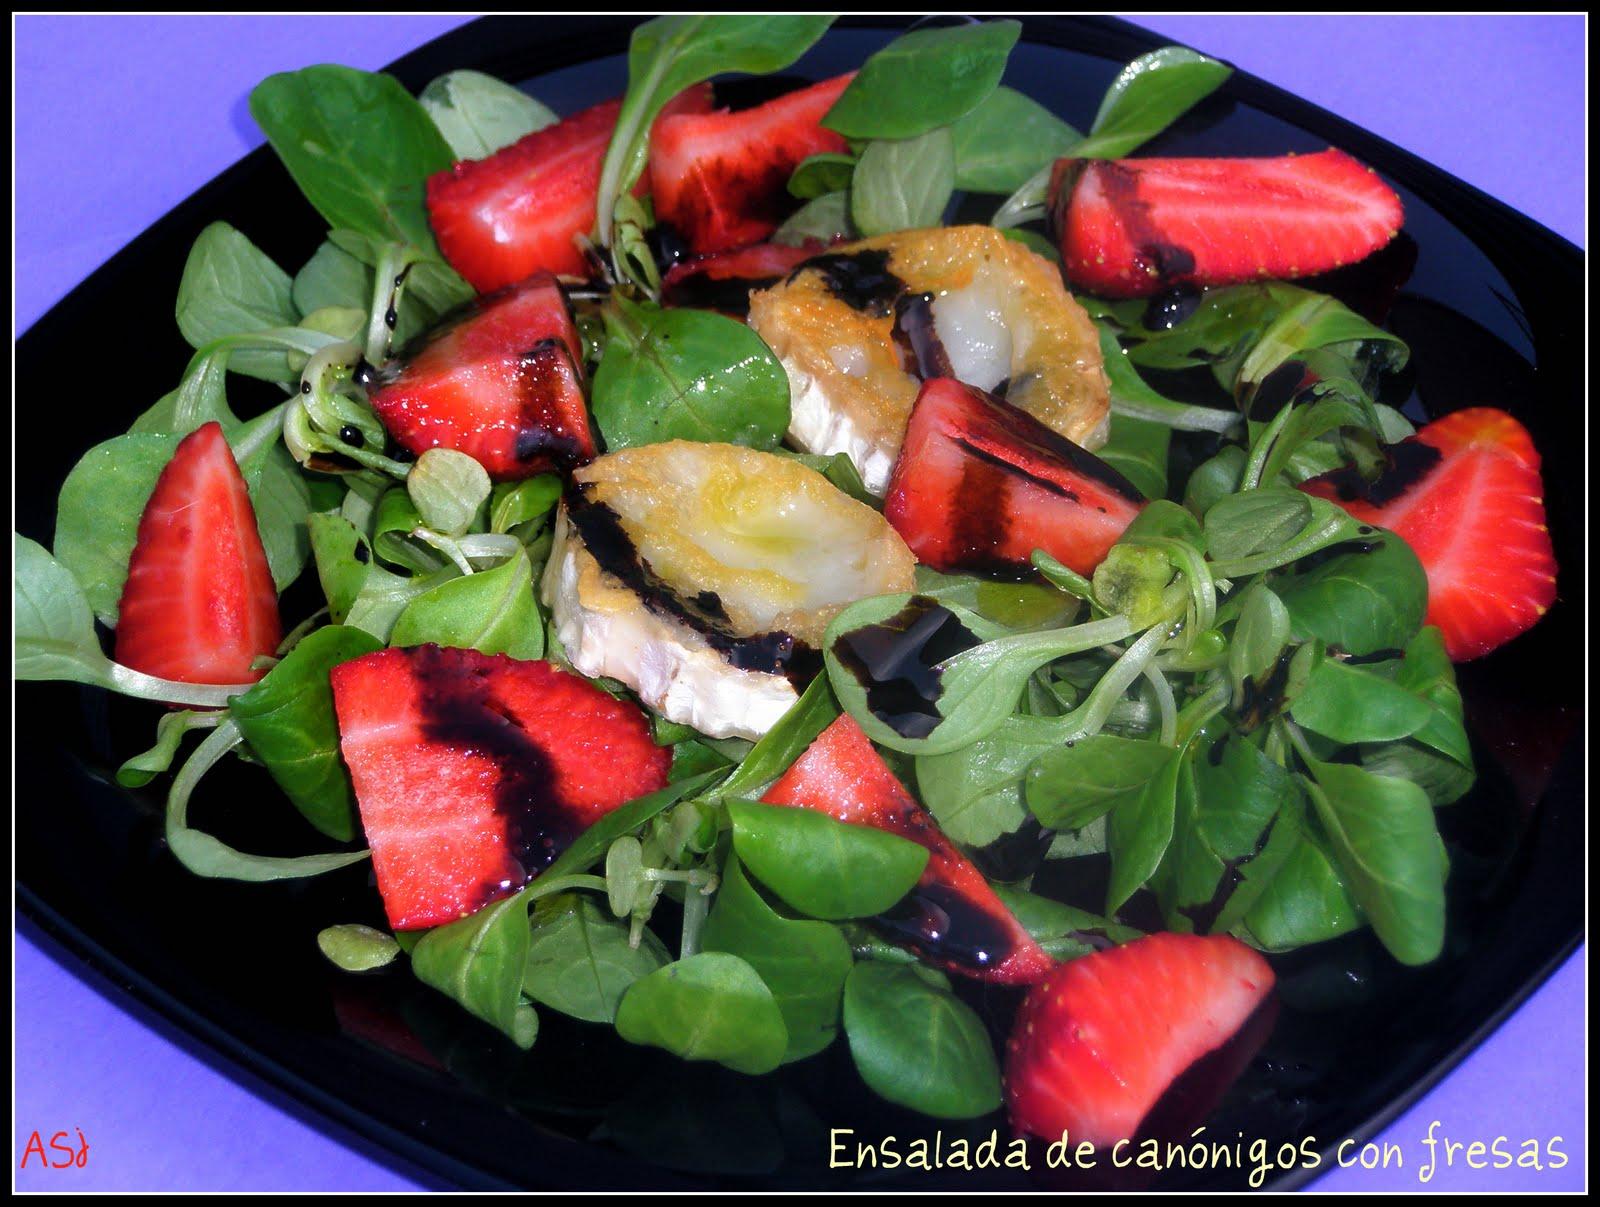 Canelita en rama ensalada de can nigos con fresas - Ensaladas con canonigos ...